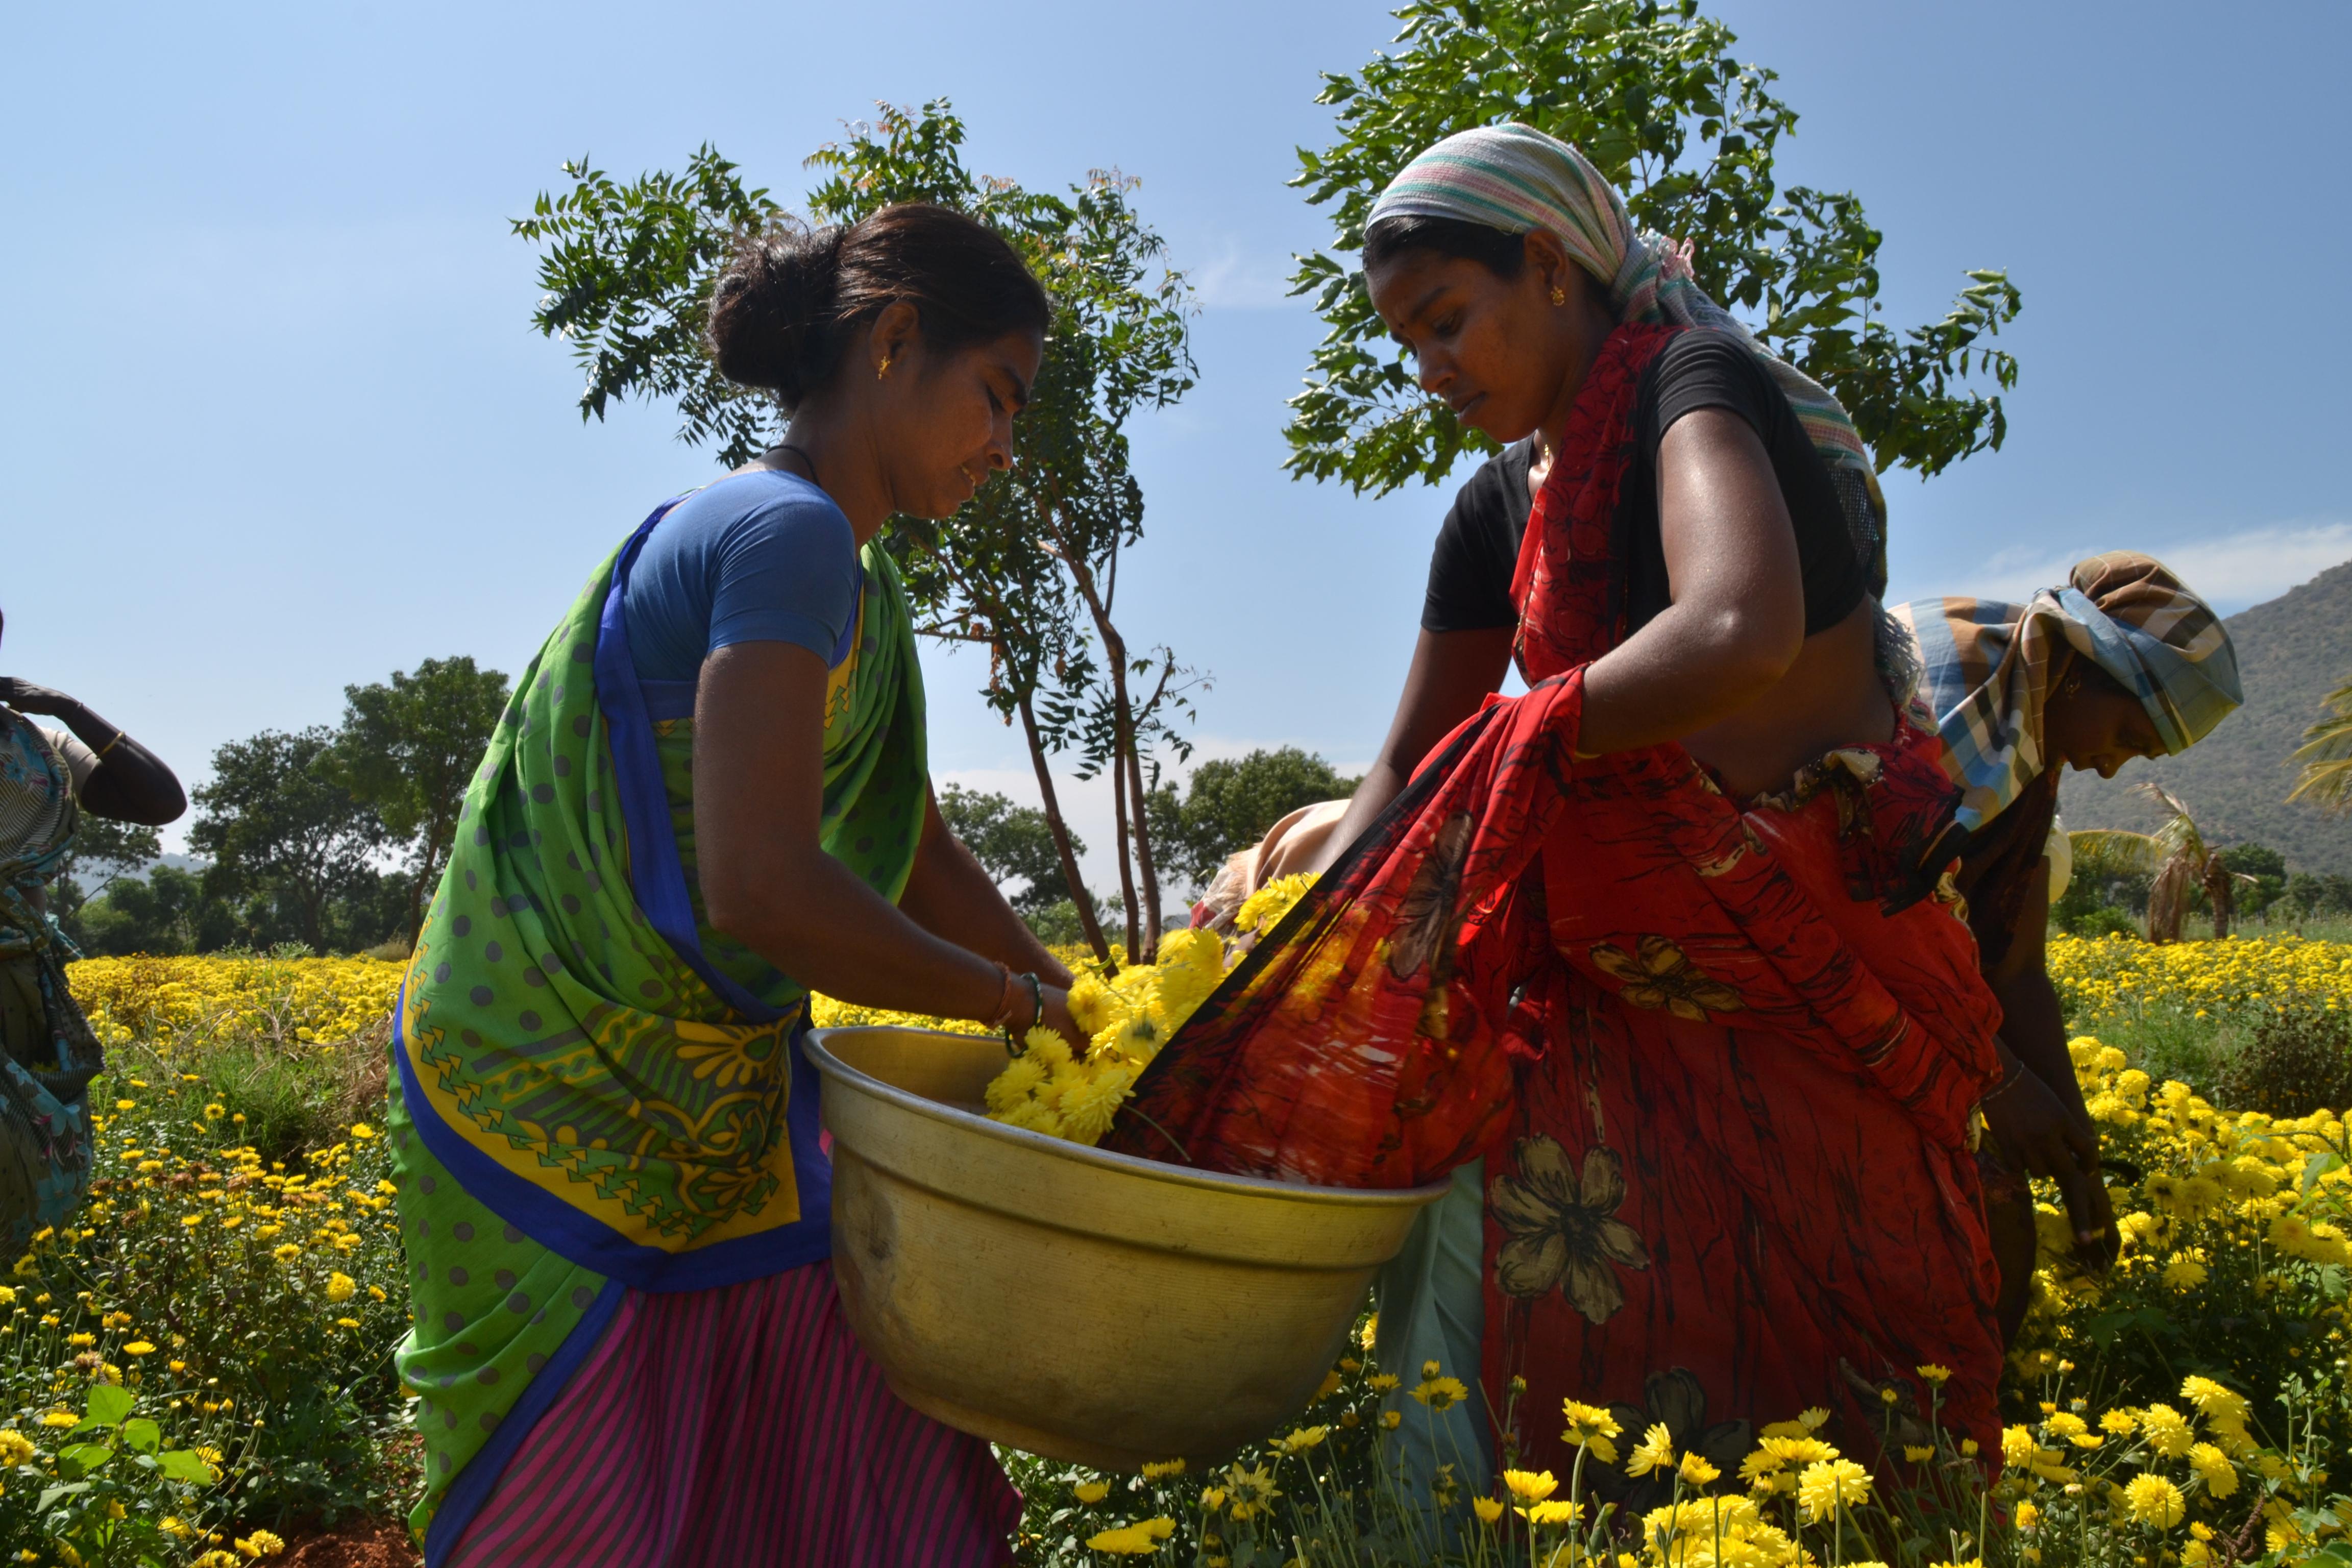 Pandeeswari och Senthamarai skördar blomman krysantemum. Normalt plockar en arbetare på fältet runt 20 kg blommor per dag. Foto: Josefin Aldegren